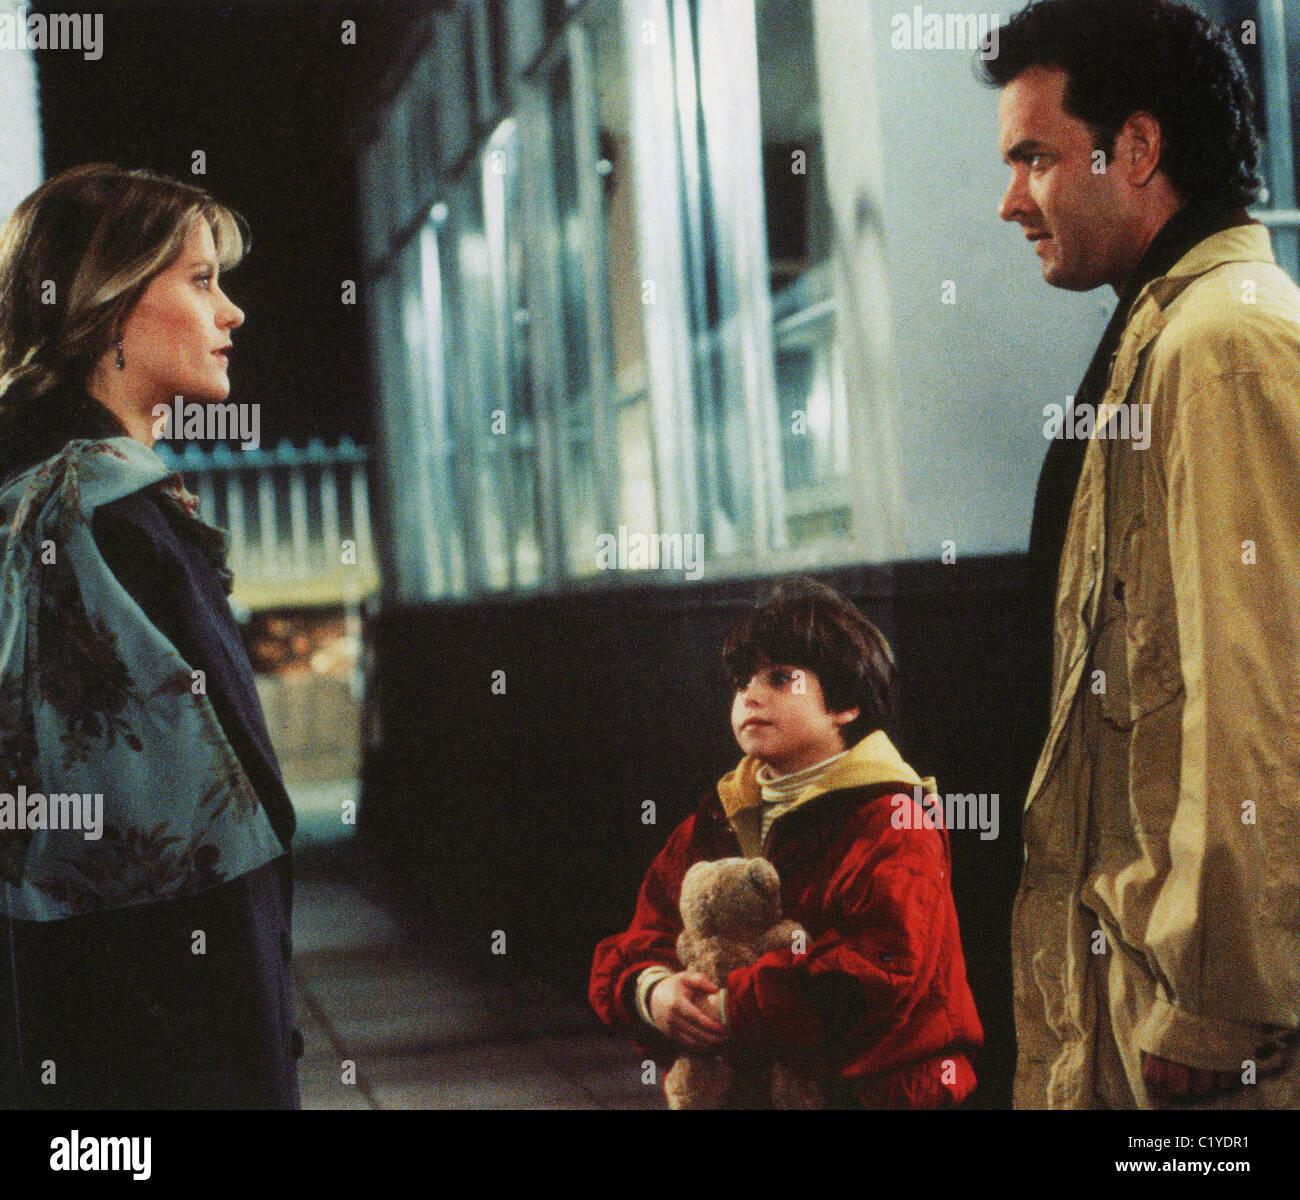 SLEEPLESS EN SEATTLE 1993 Tr-Star película con Meg Ryan, Ross Malinger y Tom Hanks a la derecha Imagen De Stock